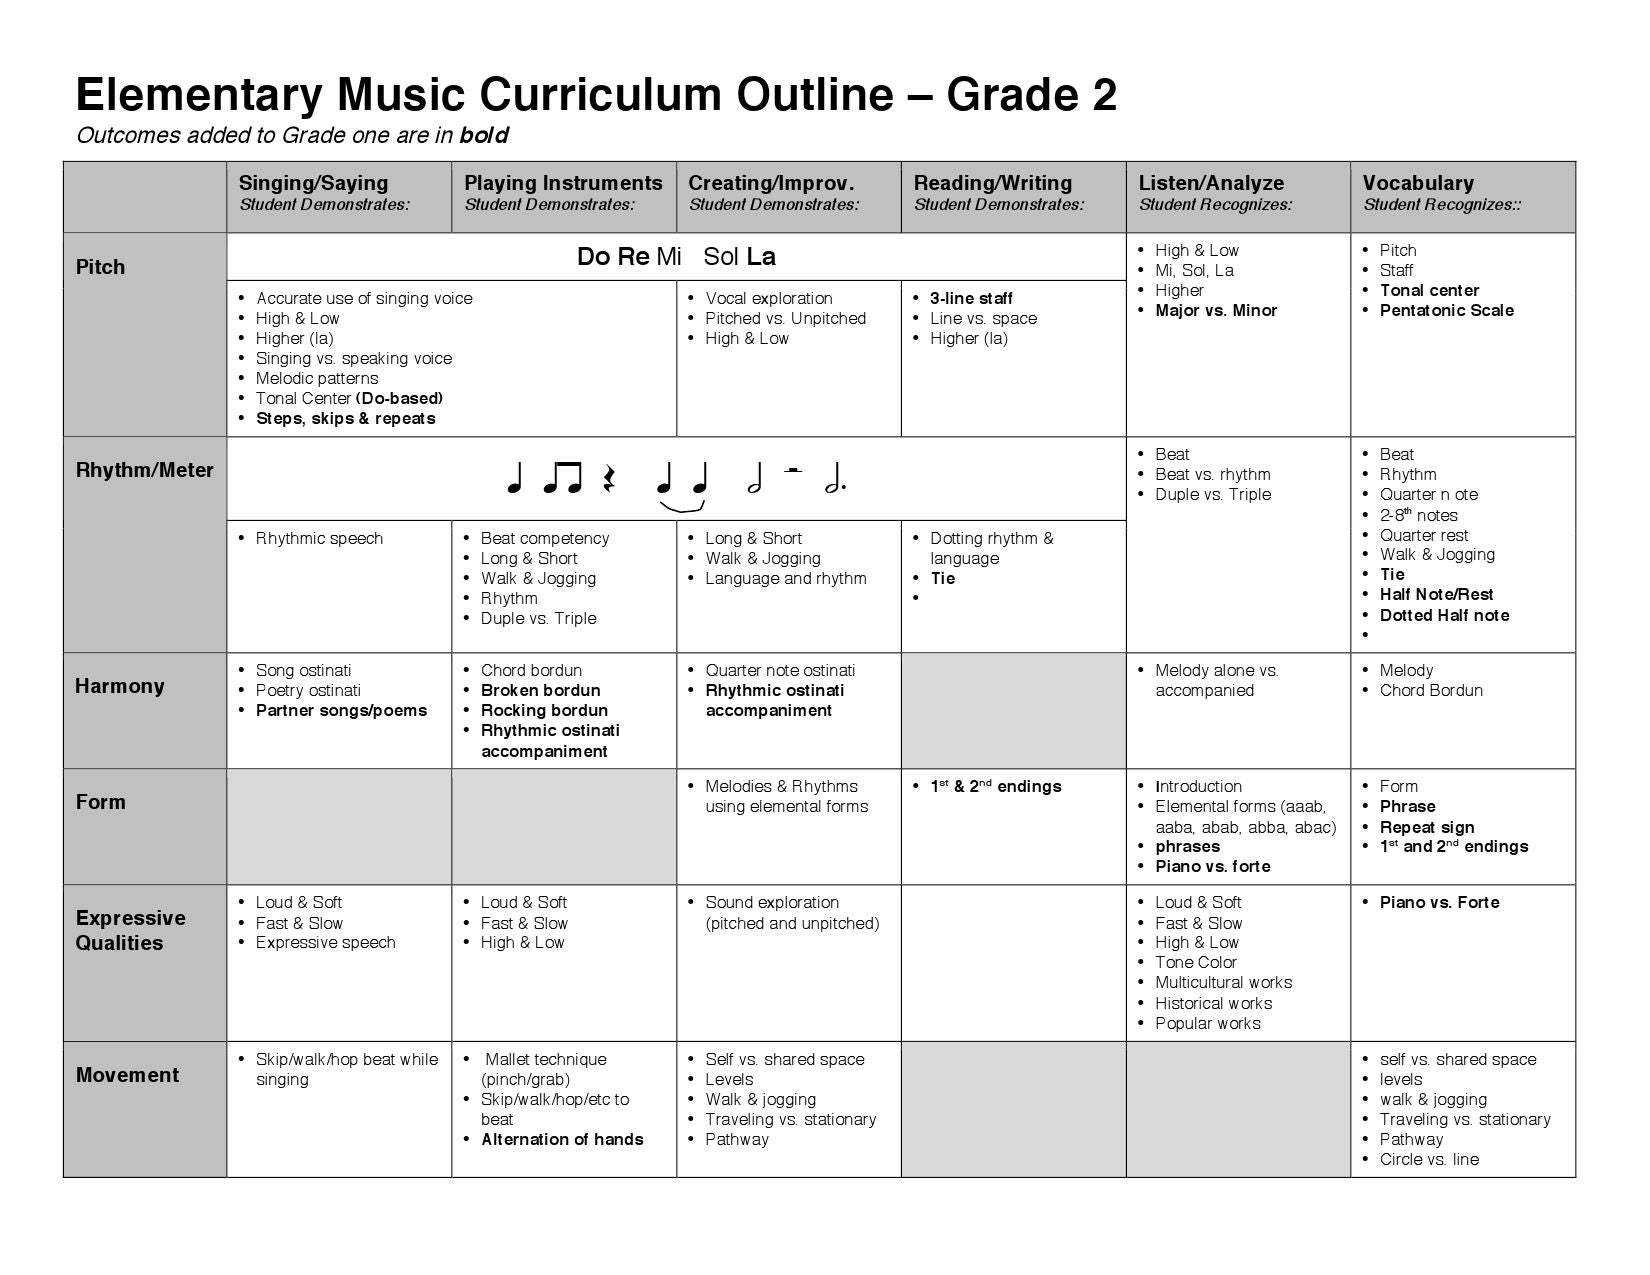 ontario curriculum checklist grade 2 pdf